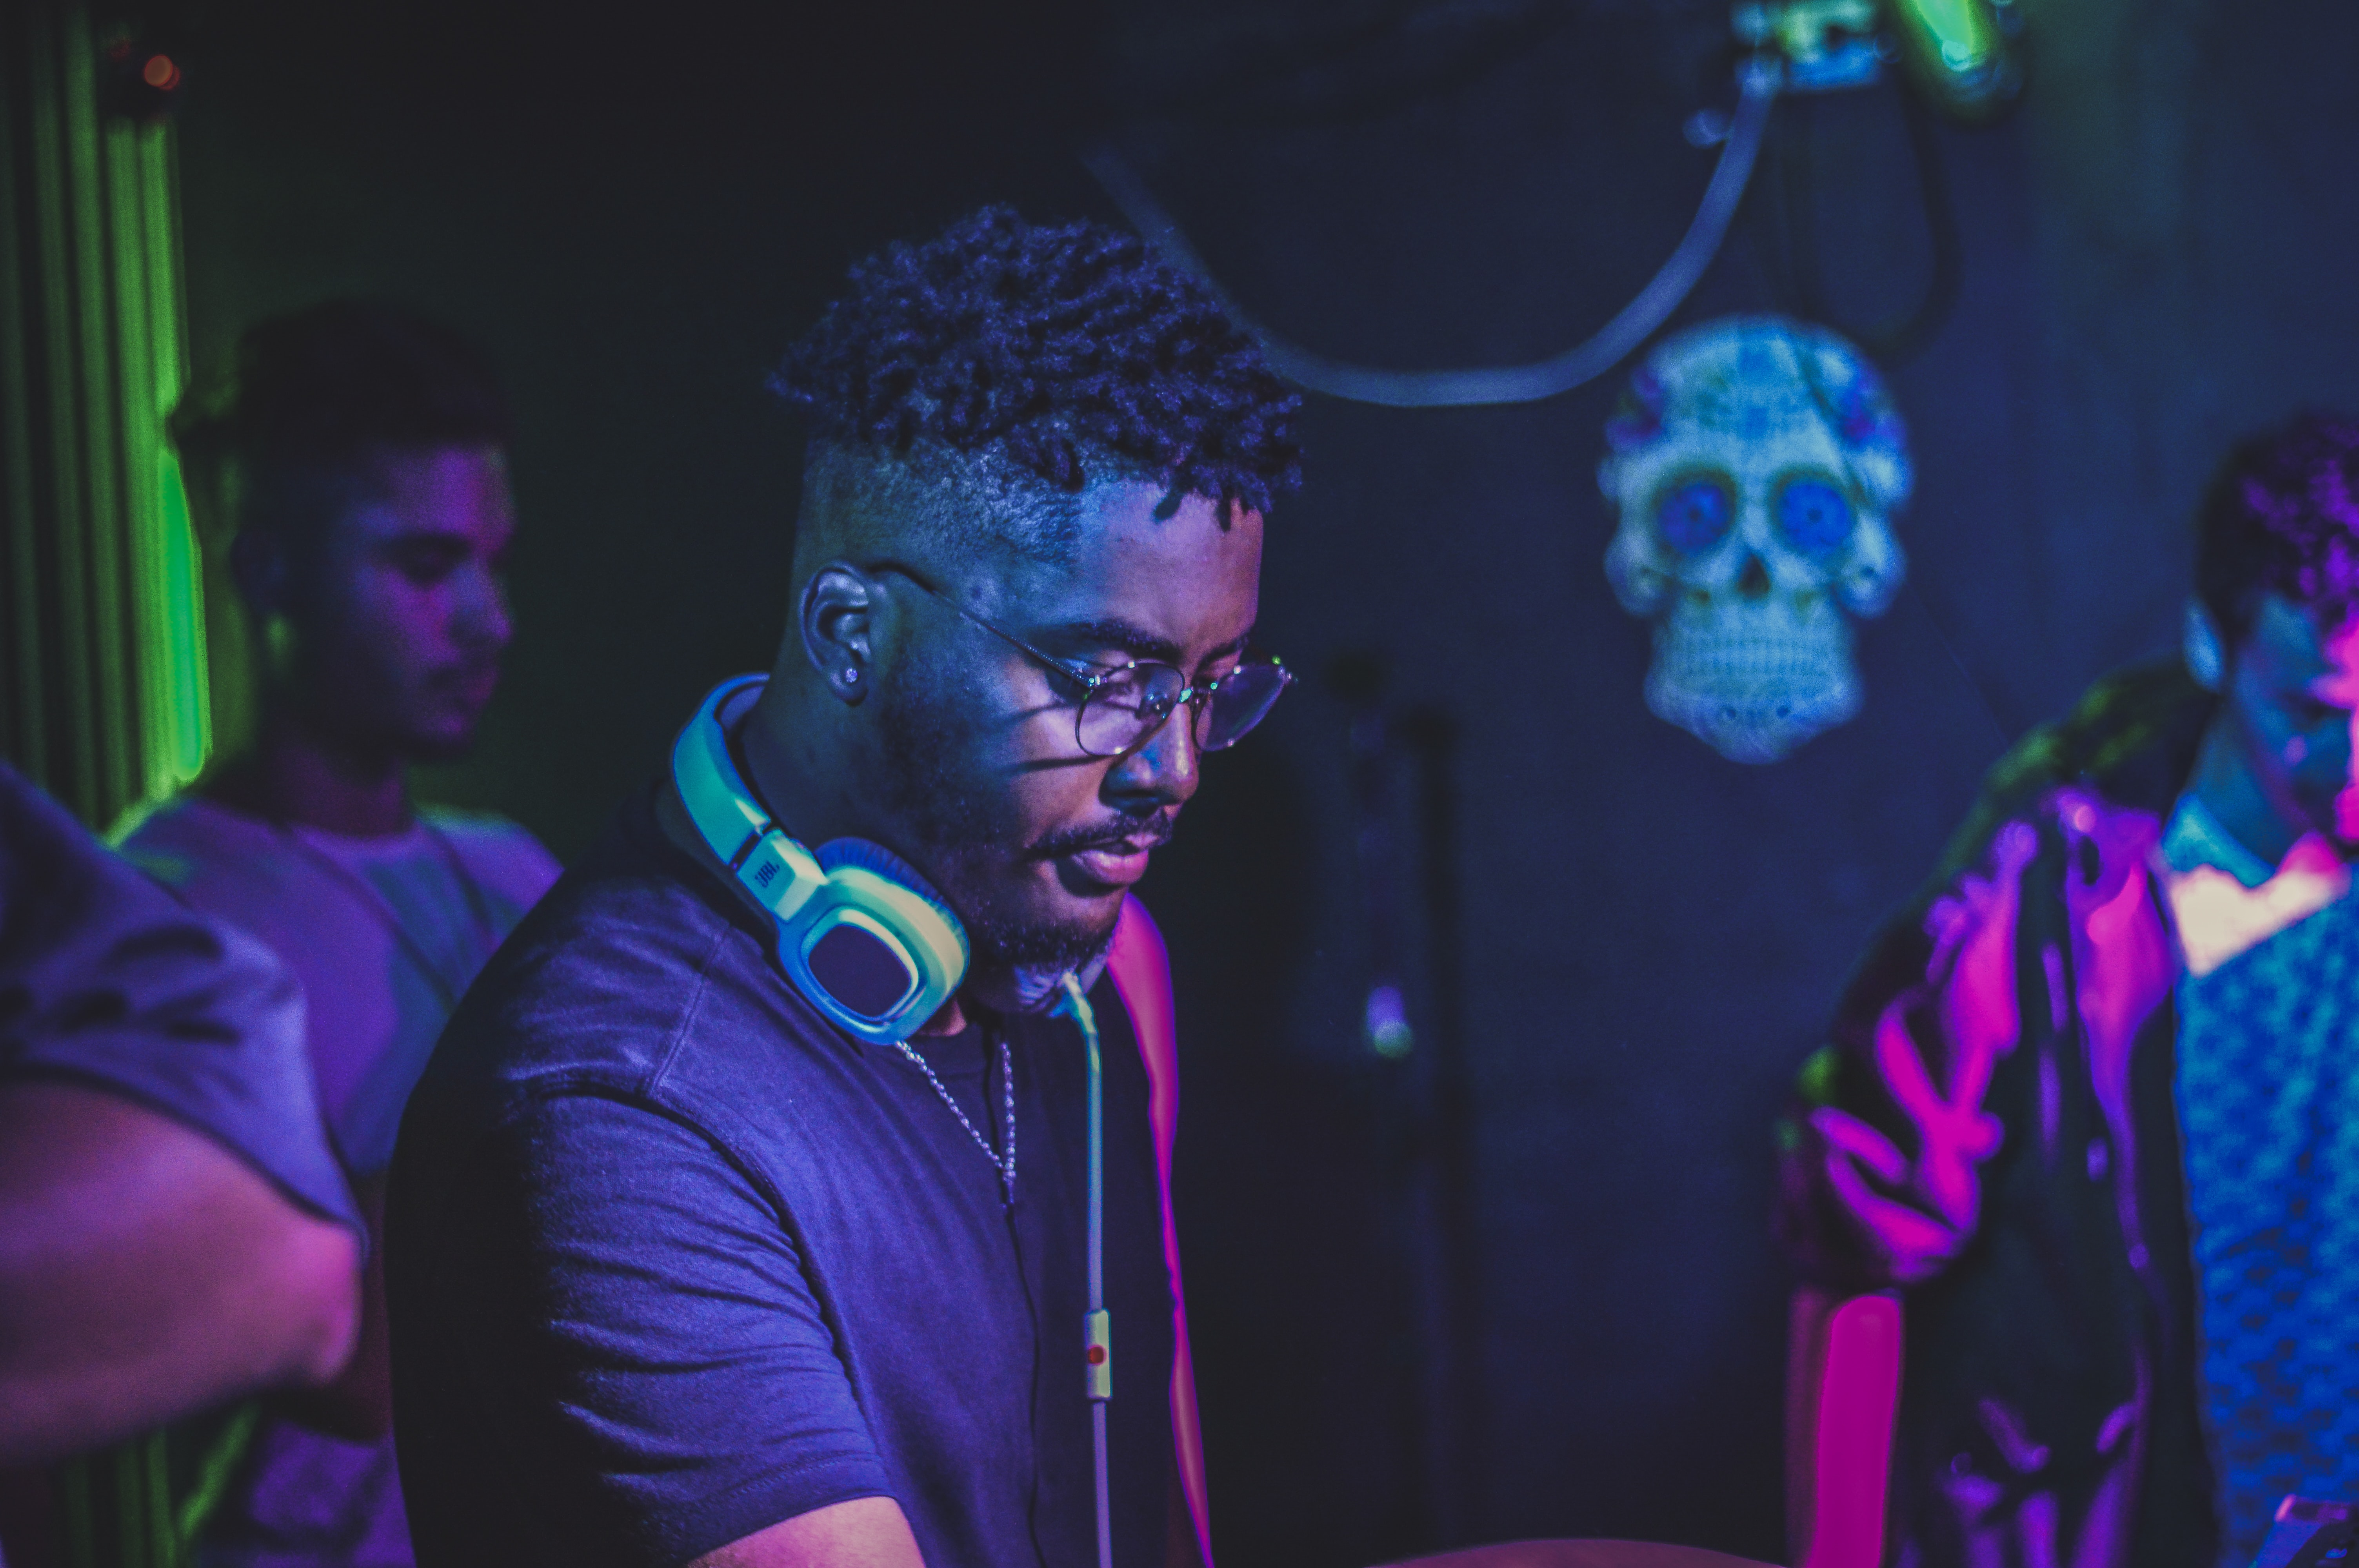 man wearing blue headphones